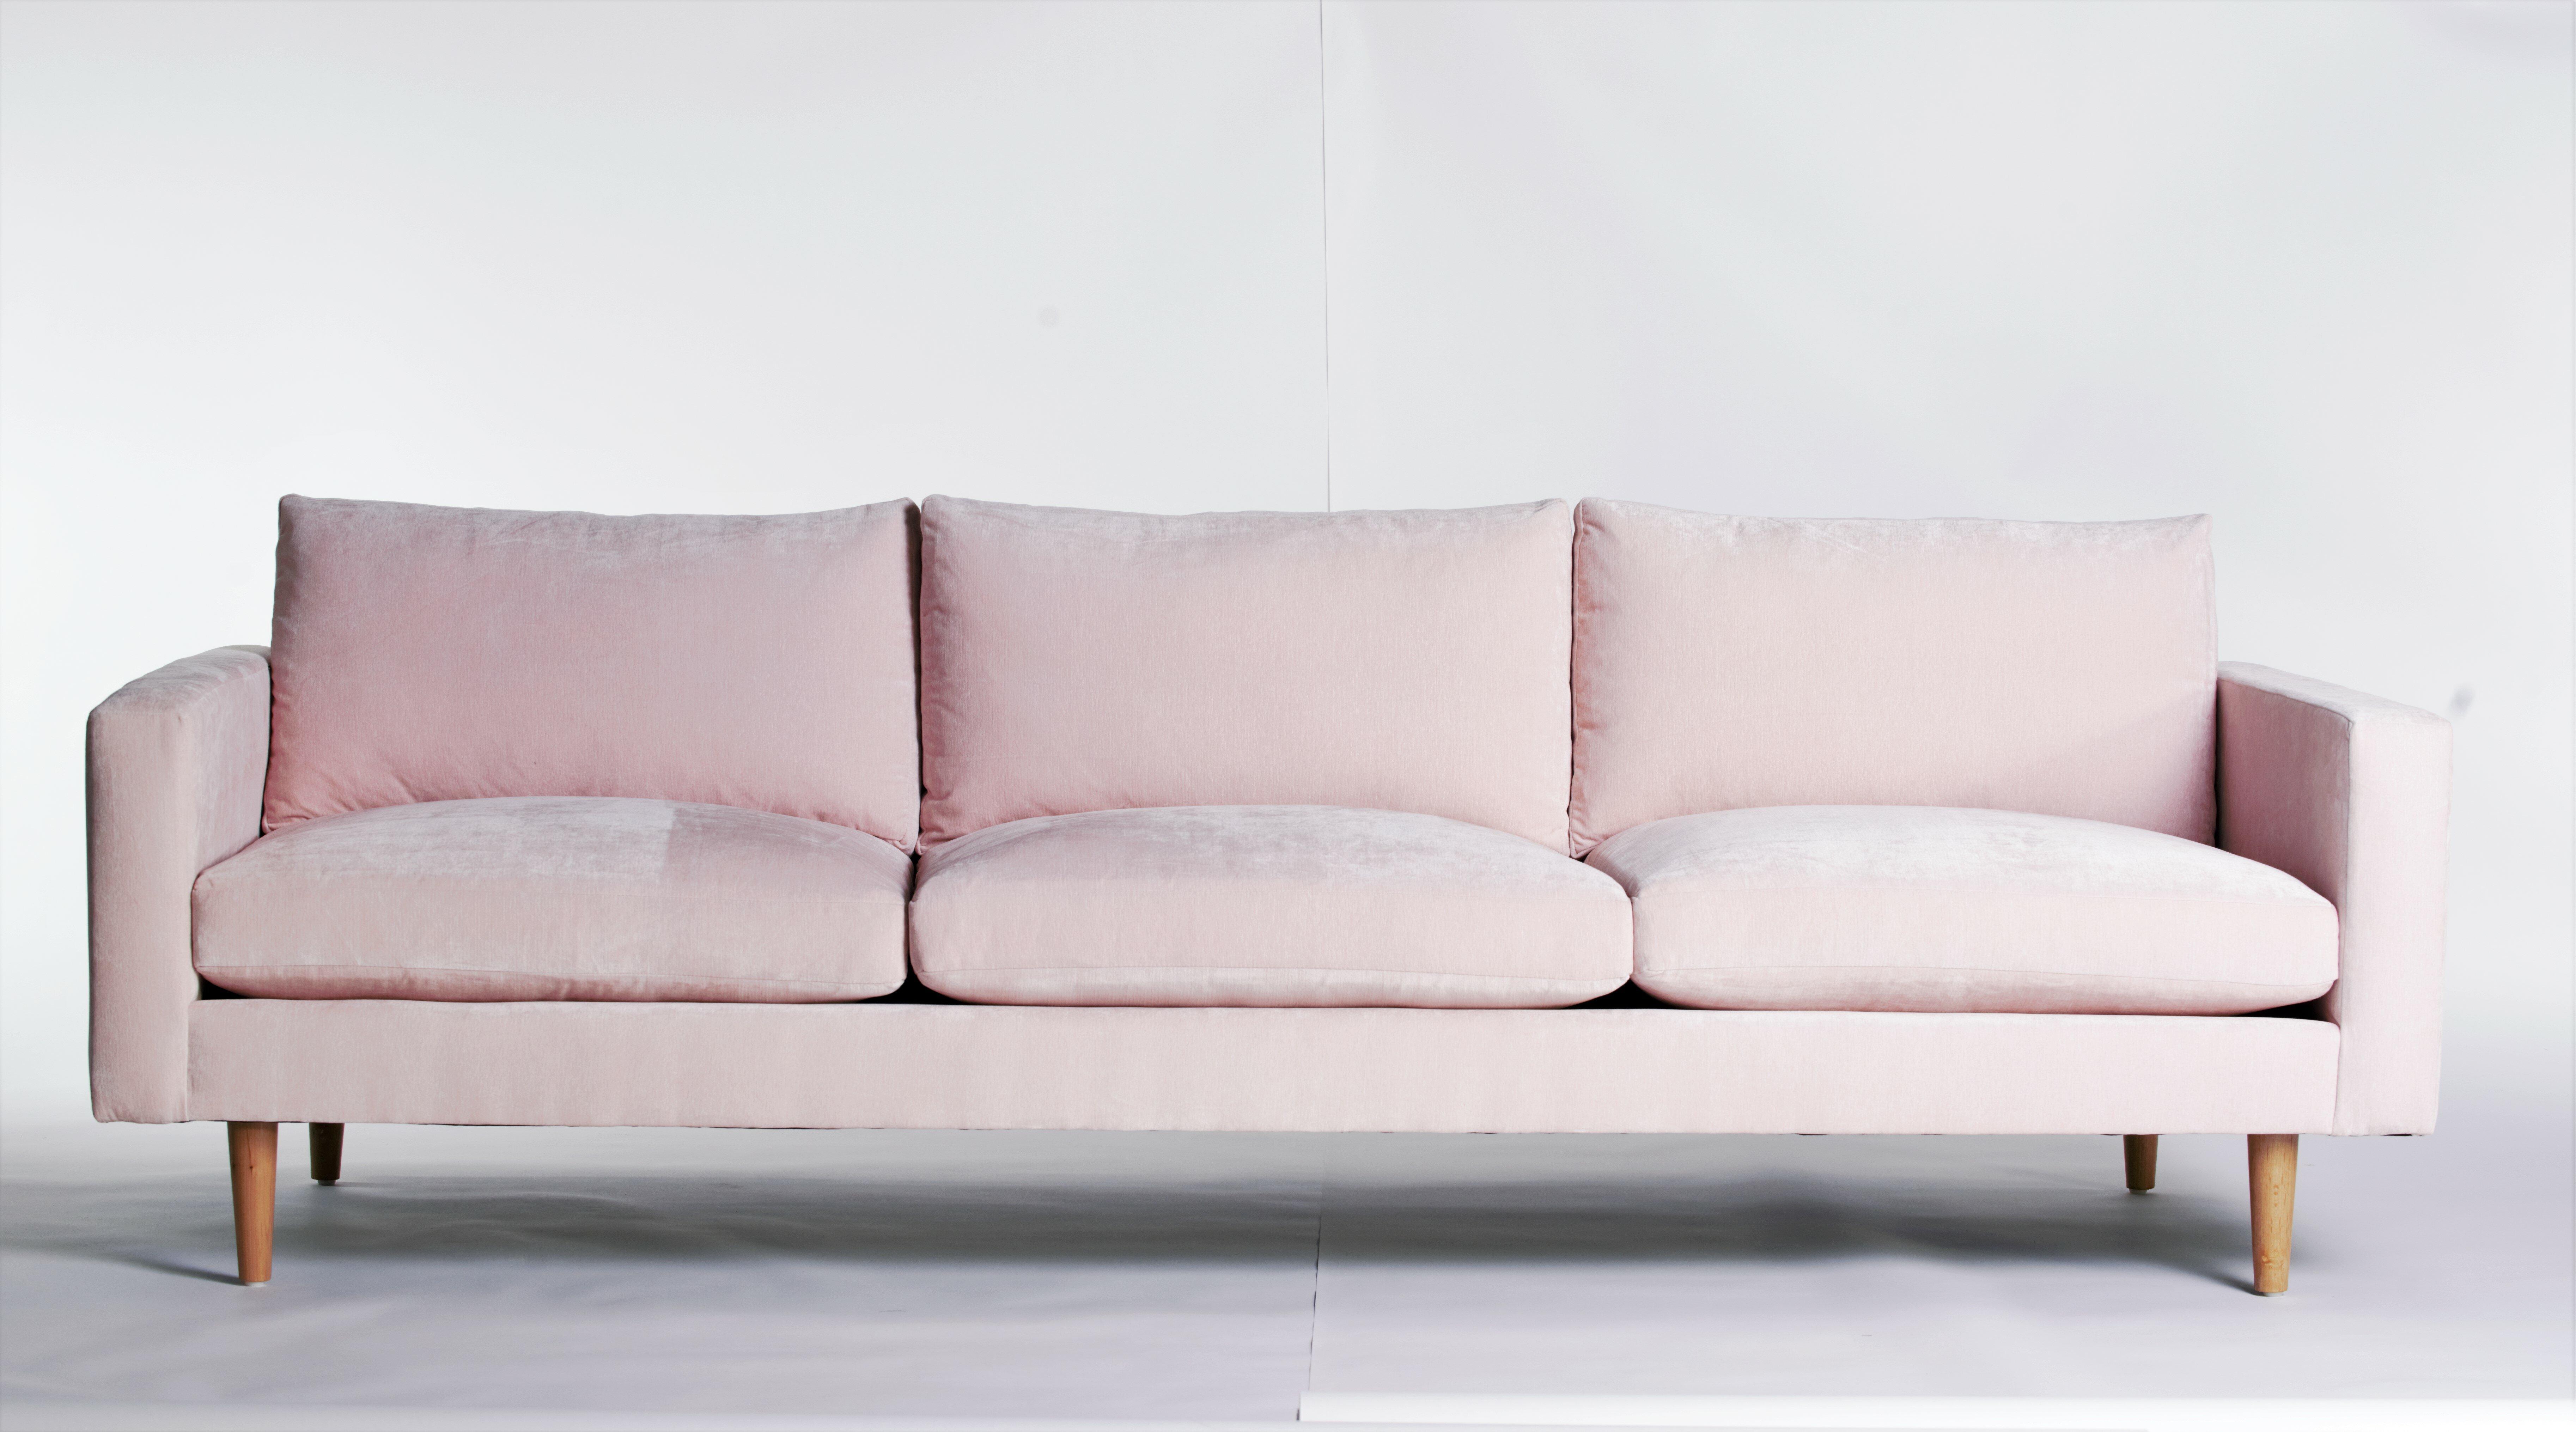 Merveilleux Bungalow Rose Bletsoe Smart Sofa   Wayfair